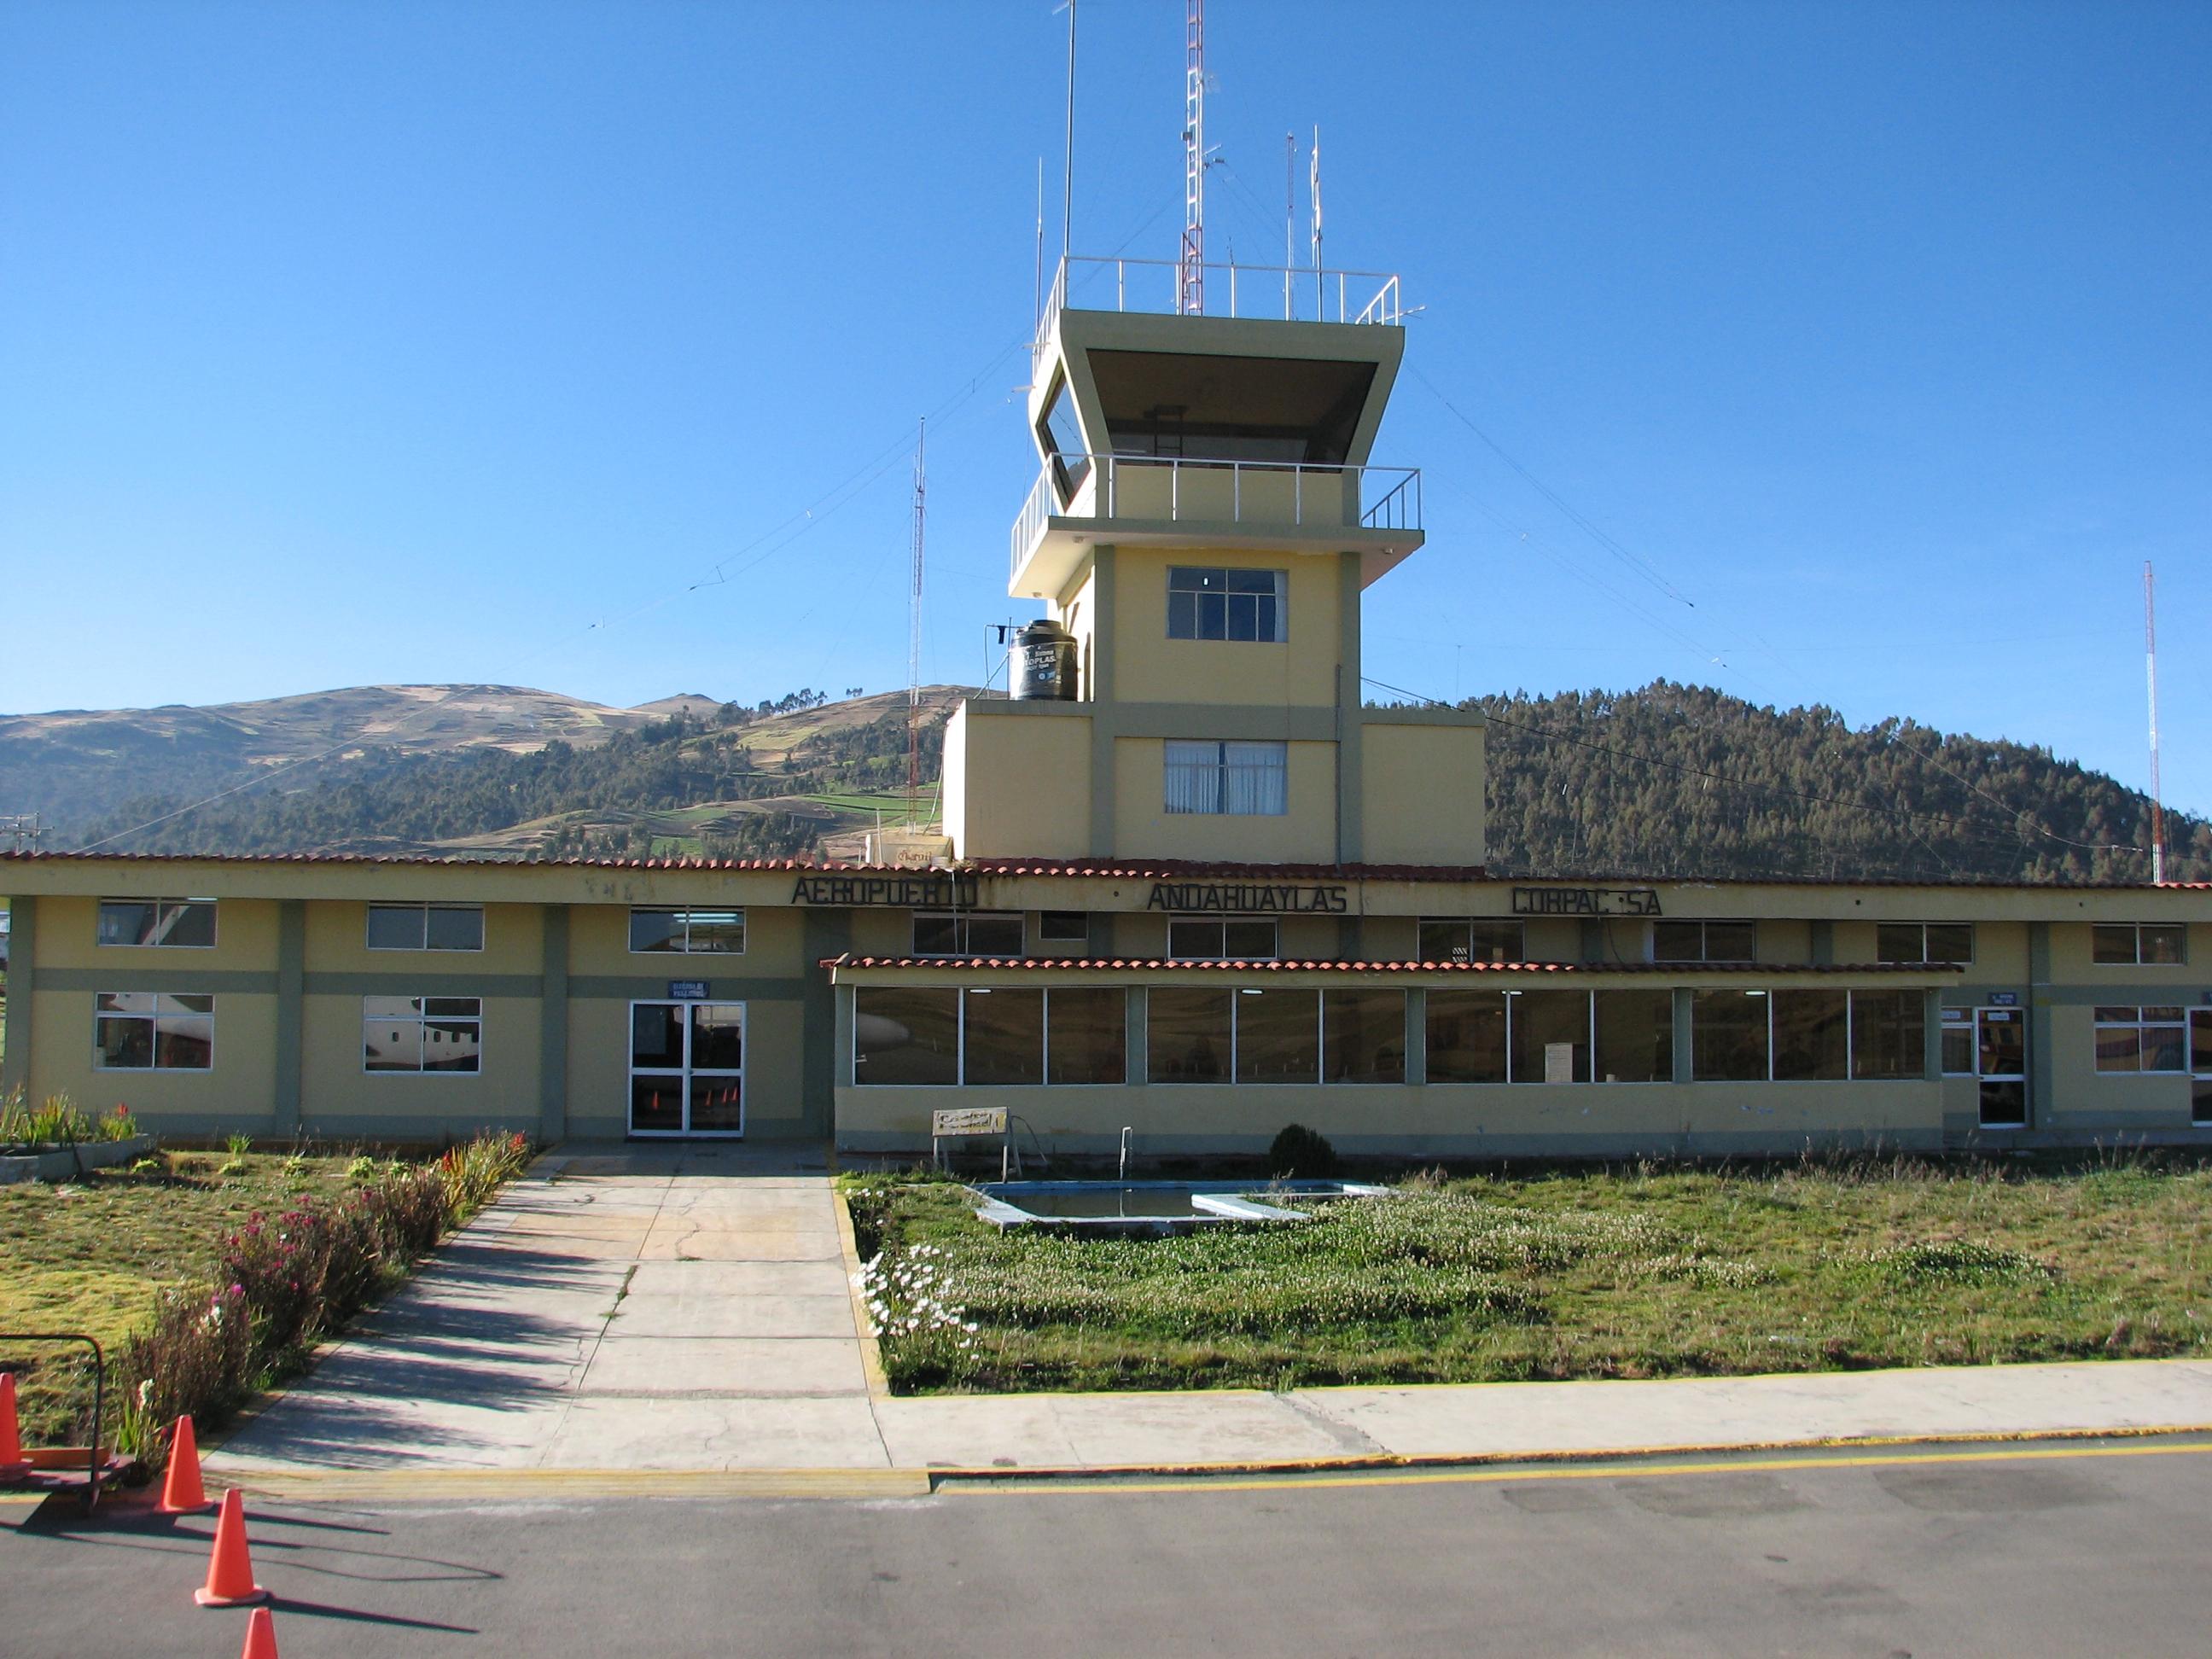 فرودگاه انداهوایلاس